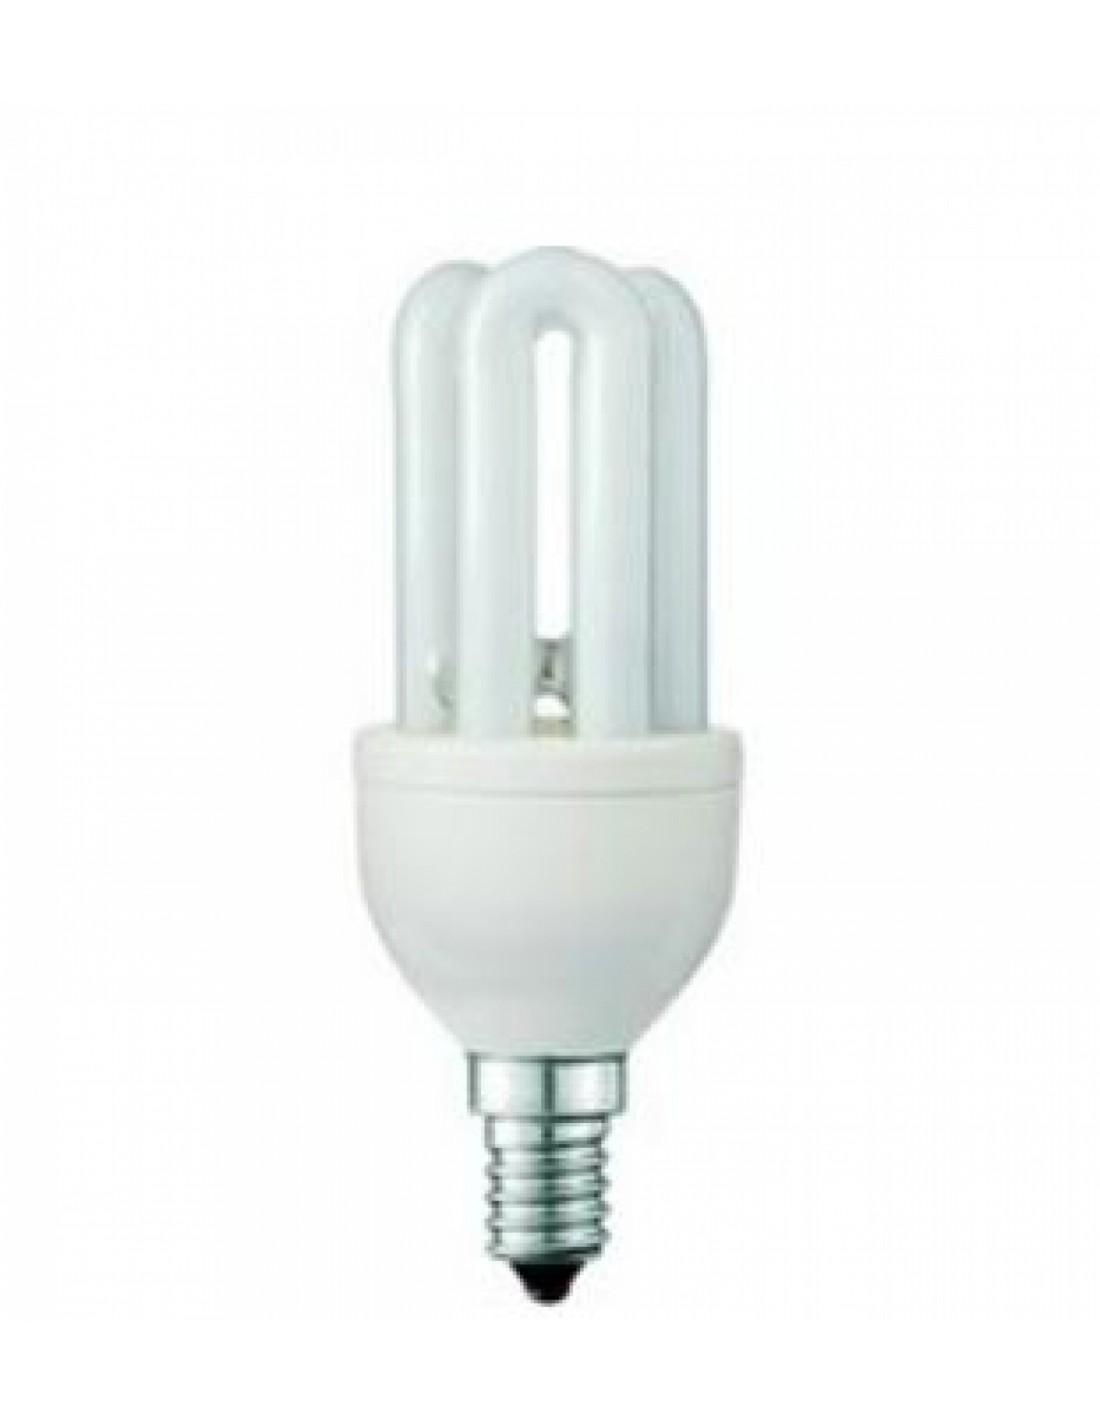 ampoule e14 11w fluorescente. Black Bedroom Furniture Sets. Home Design Ideas